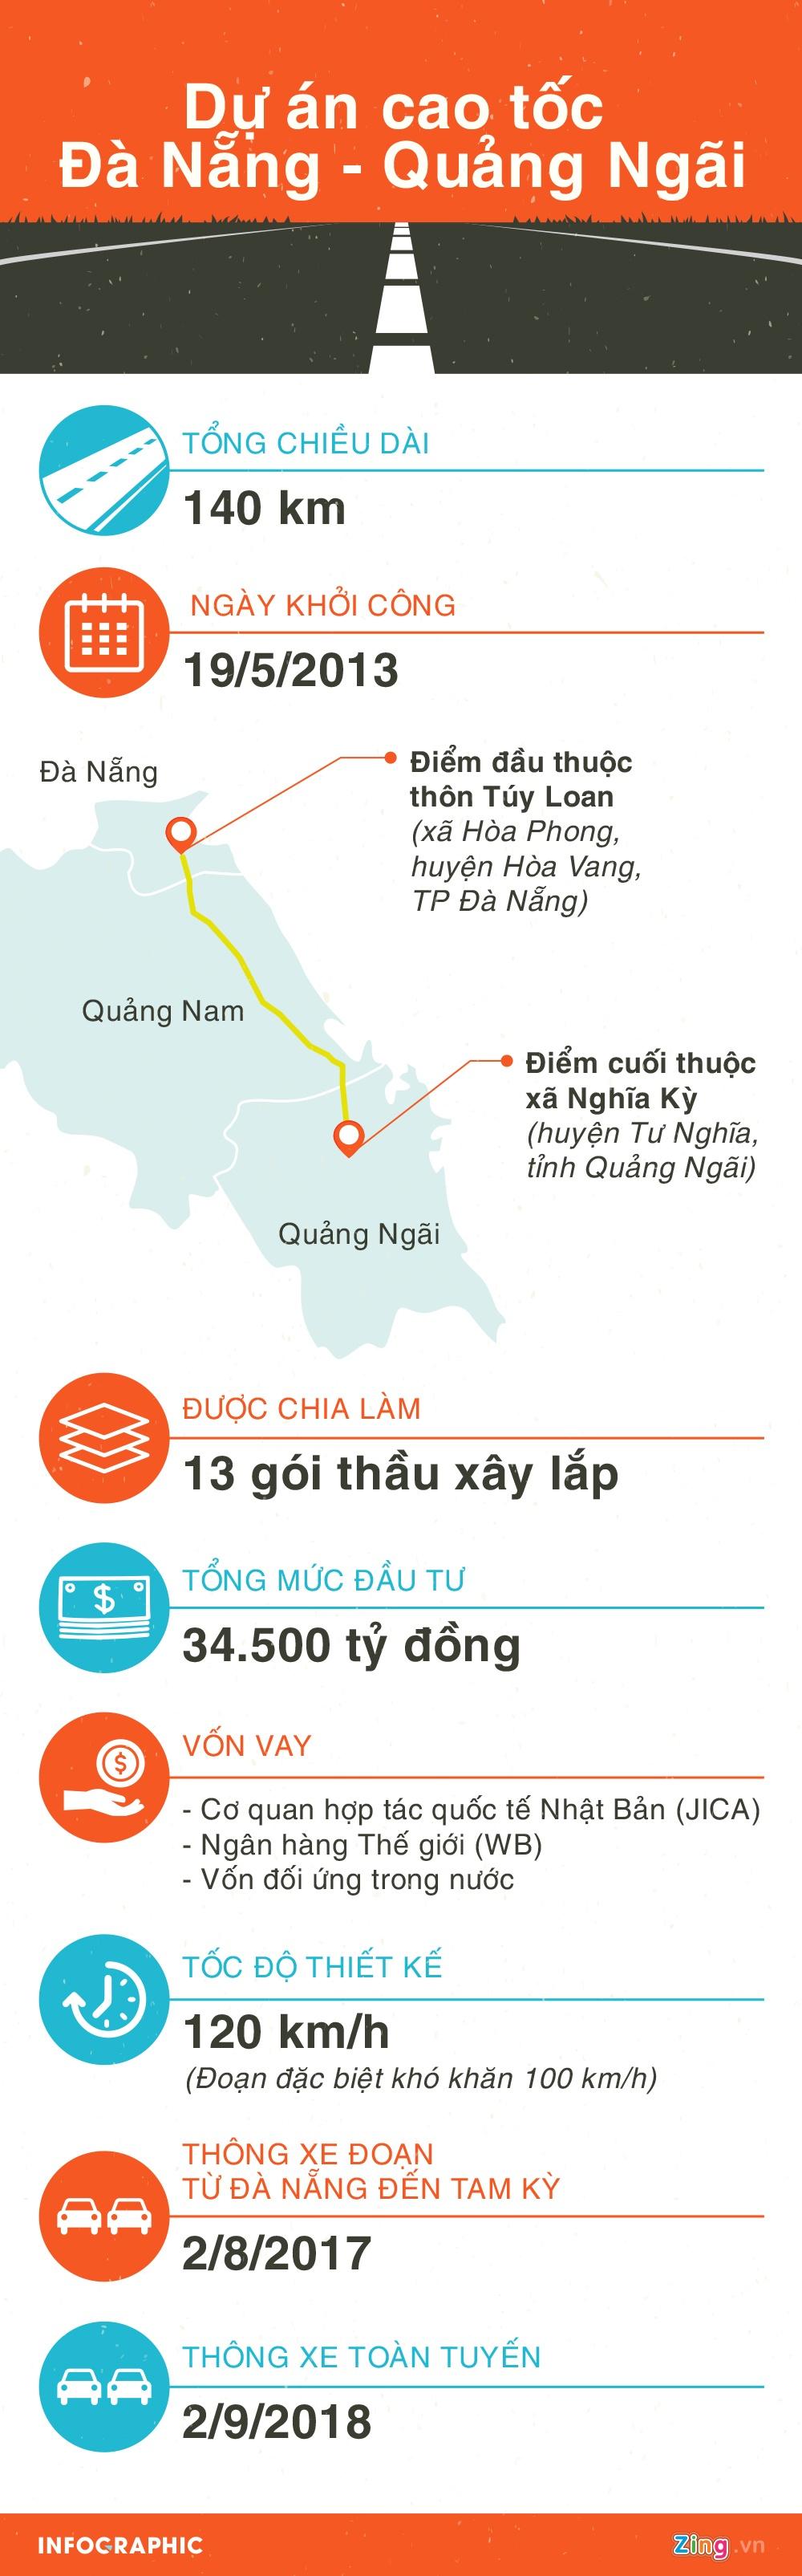 Du an cao toc 34.500 ty Da Nang - Quang Ngai vua thong xe da hong hinh anh 1